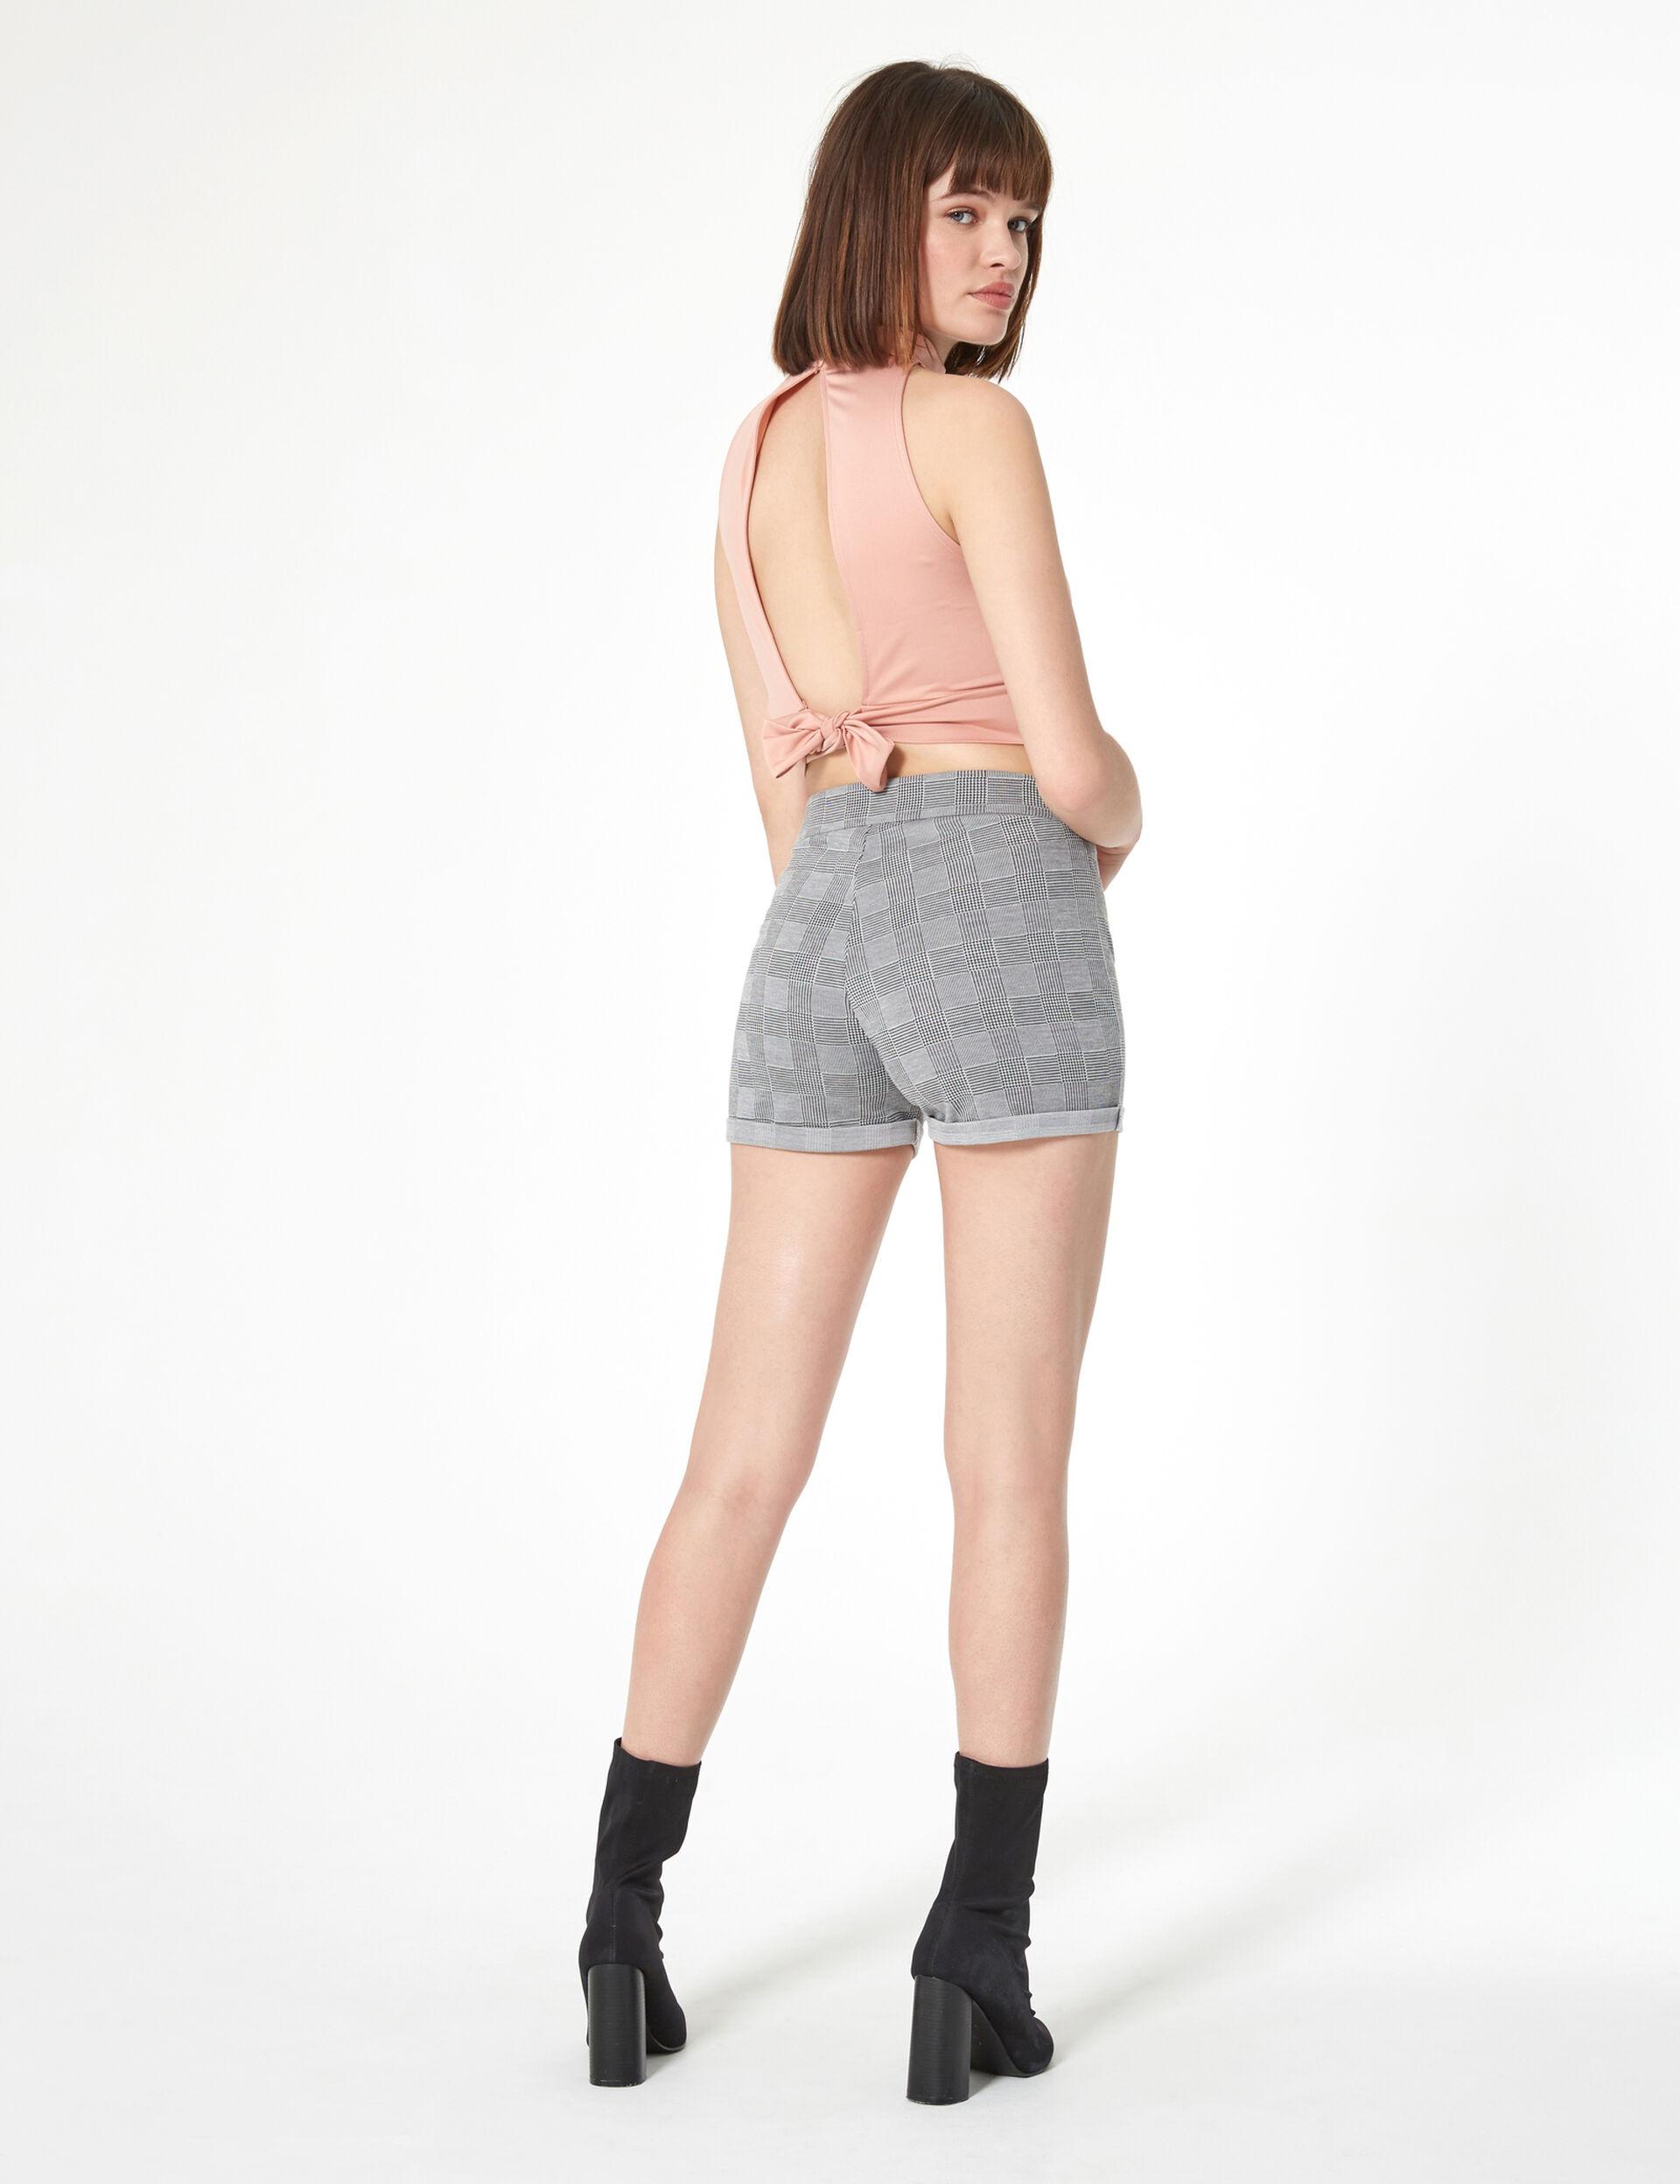 Black and white glen check shorts